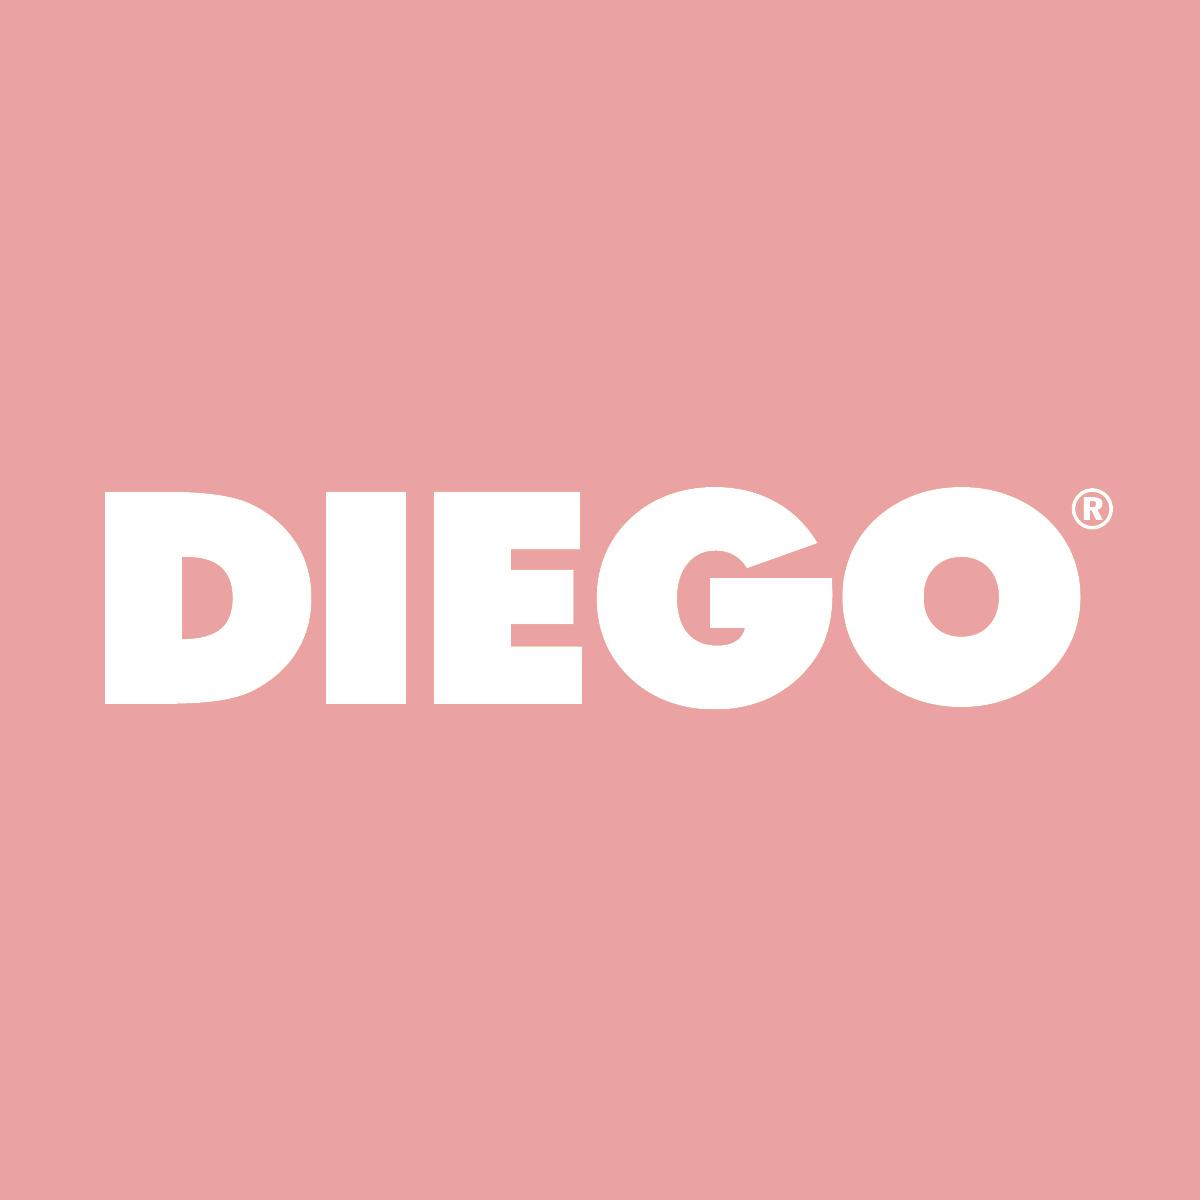 Super Soft szatén behúzó szalagos szürke sötétítő, dekor készfüggöny